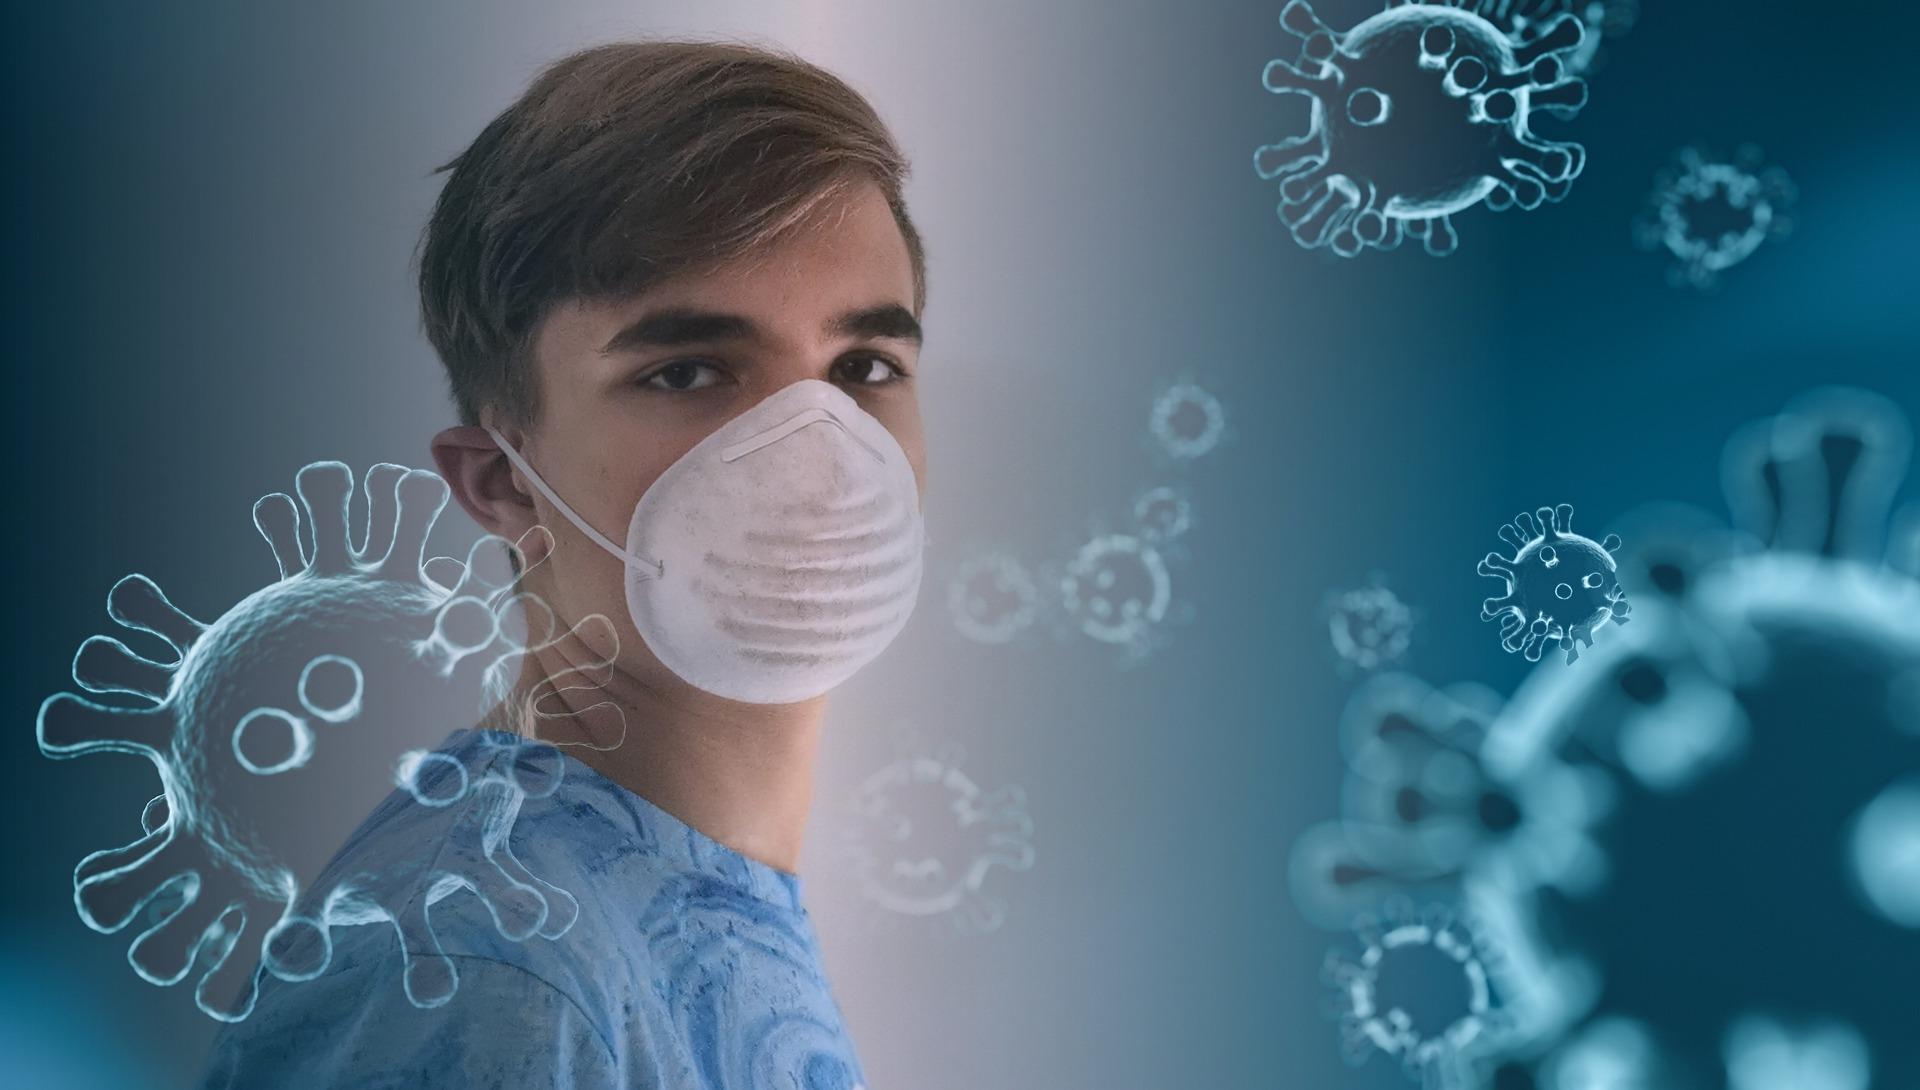 Še ena študija o vplivu vitamina D na manjšo smrtnost zaradi okužbe z virusom